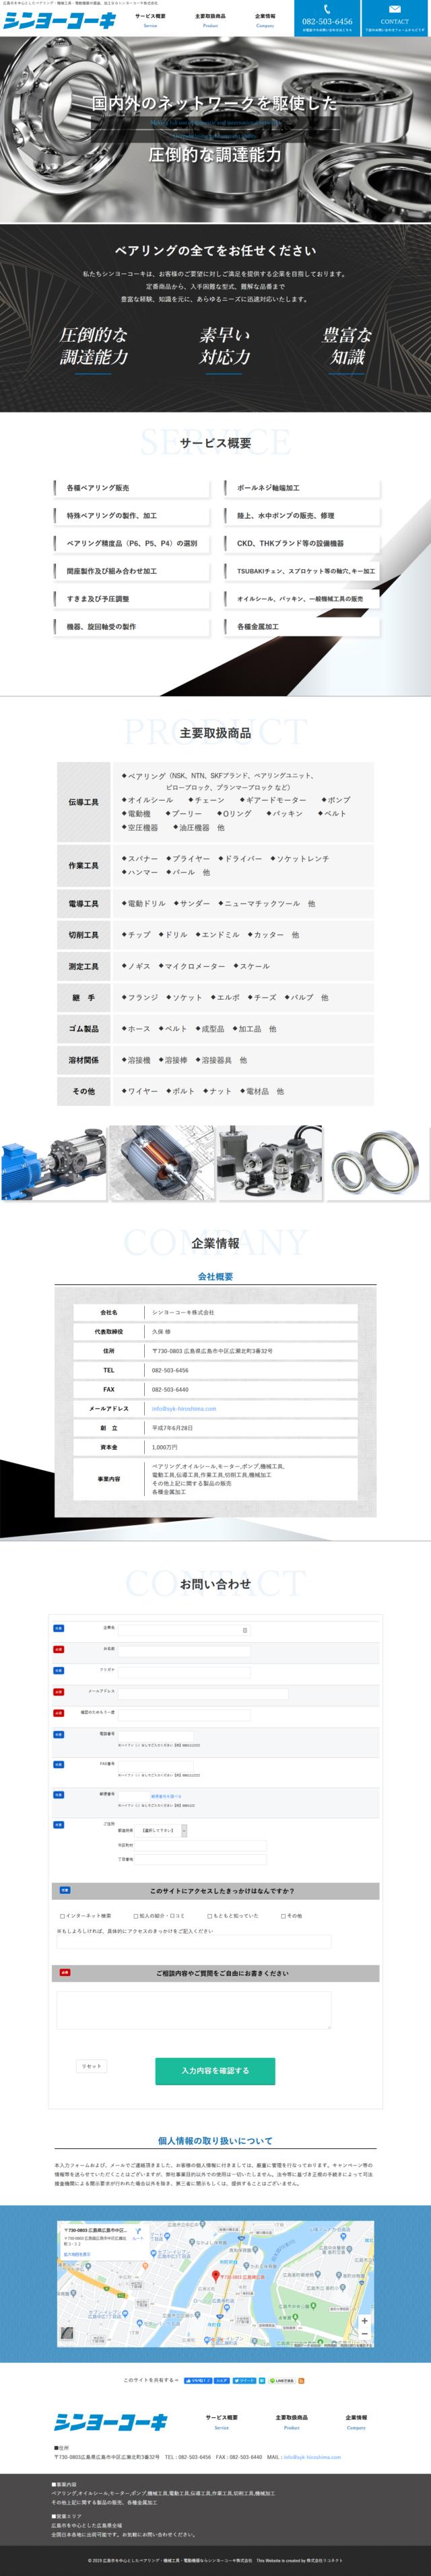 広島県広島市 ベアリング・機械工具などの販売、および各種金属加工のシンヨーコーキ株式会社 様